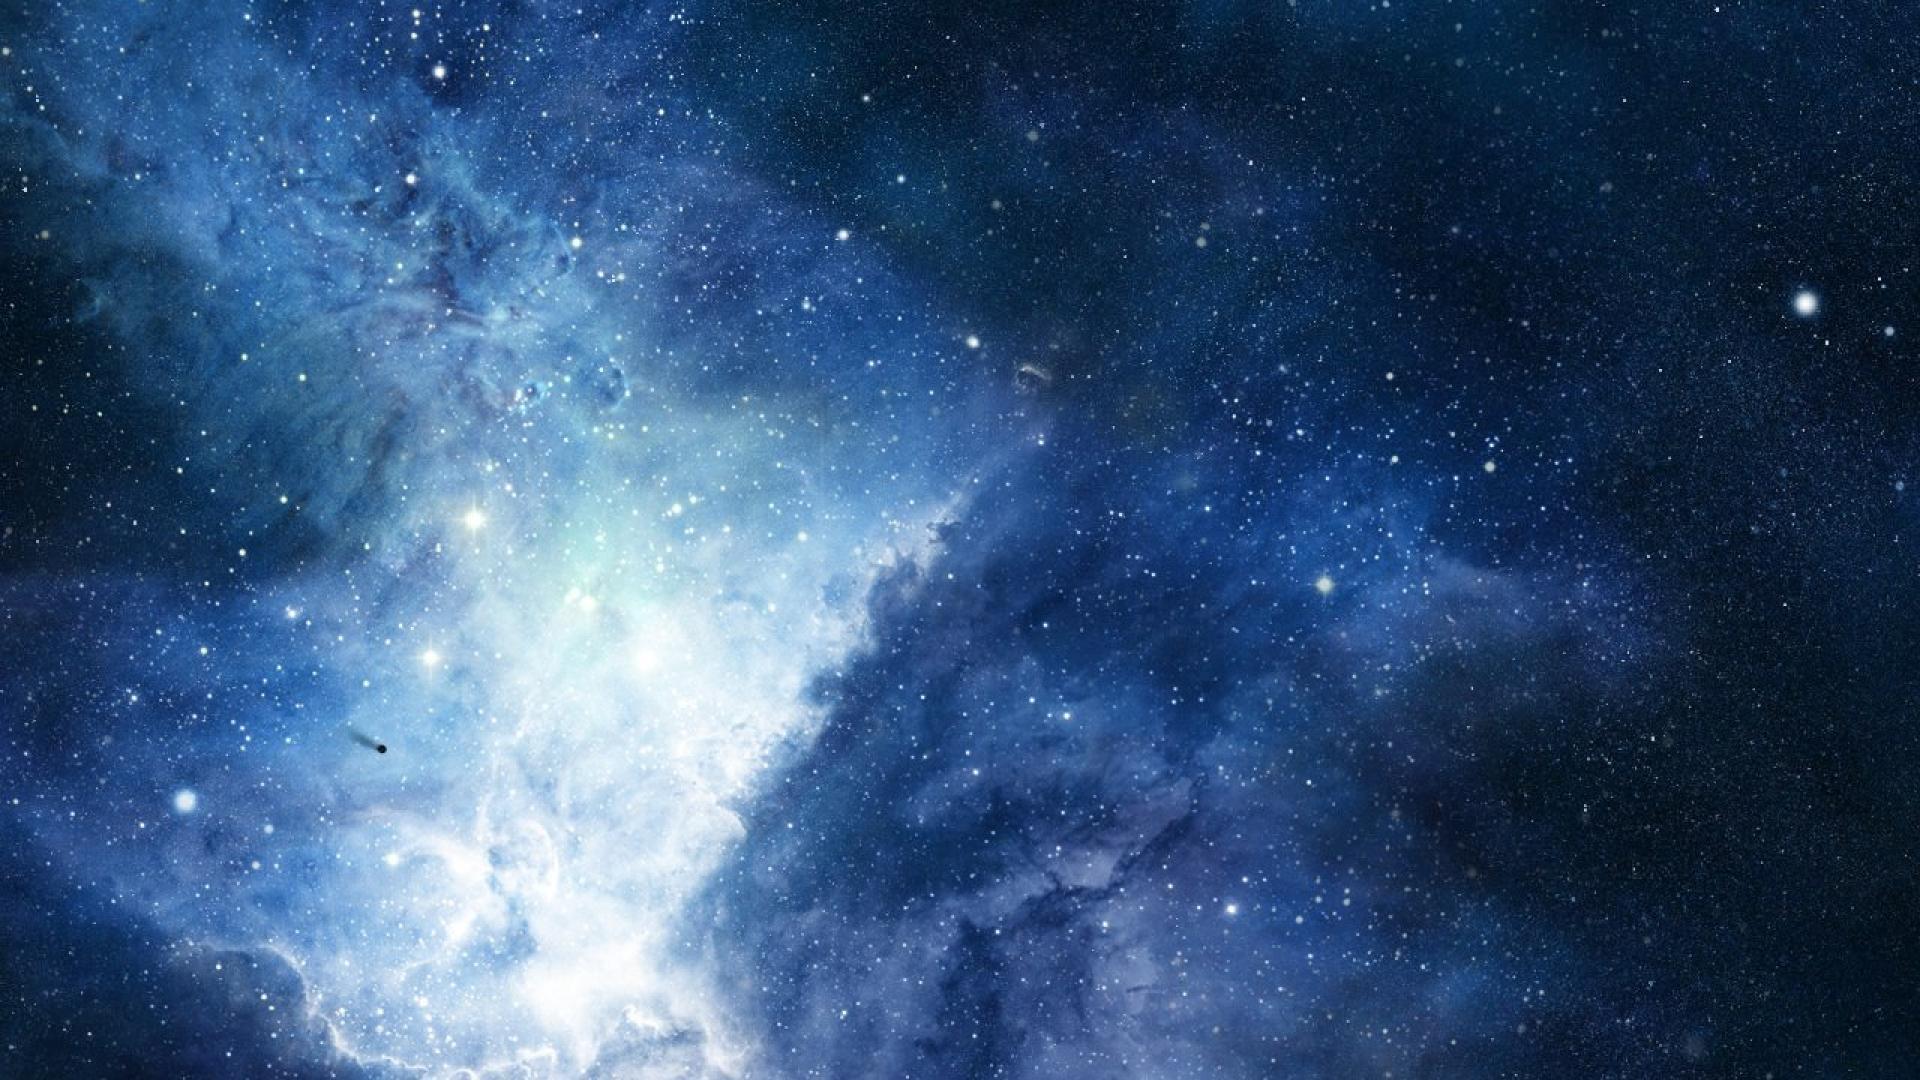 Universe HD Wallpaper - WallpaperSafari